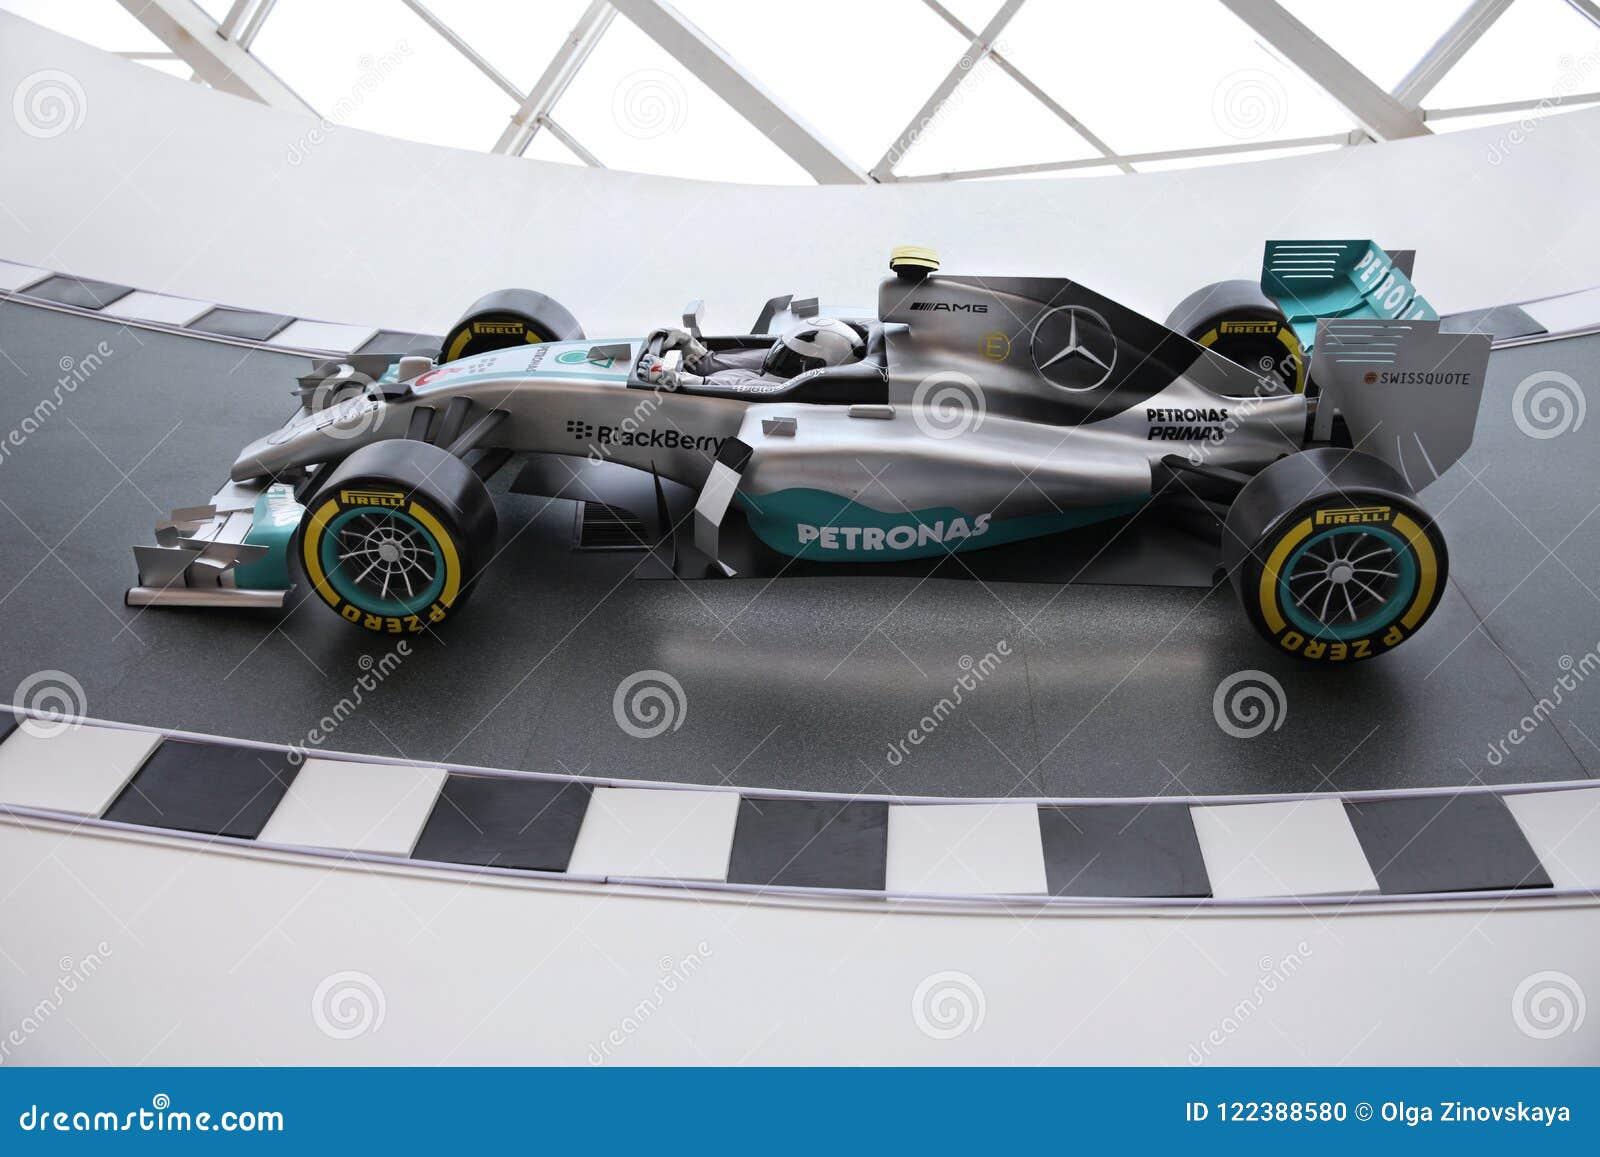 默西迪丝AMG天然碱Motorsport赛车在默西迪丝中我conce